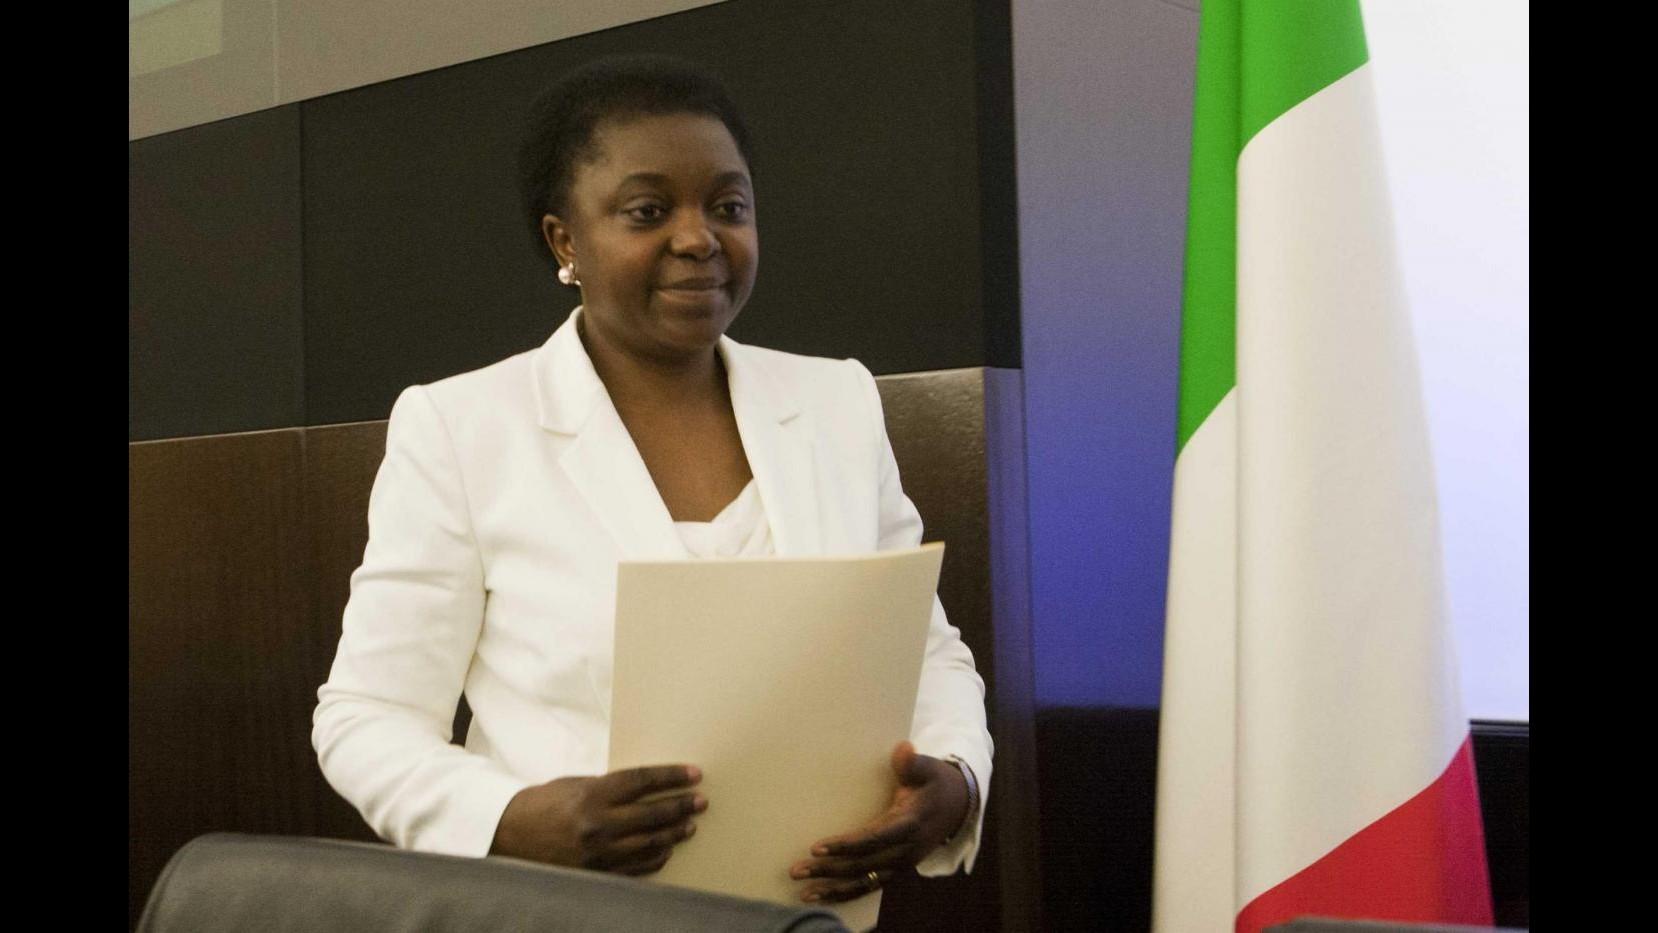 Kyenge a Calderoli: Rammarico, ben vengano critiche ma costruttive